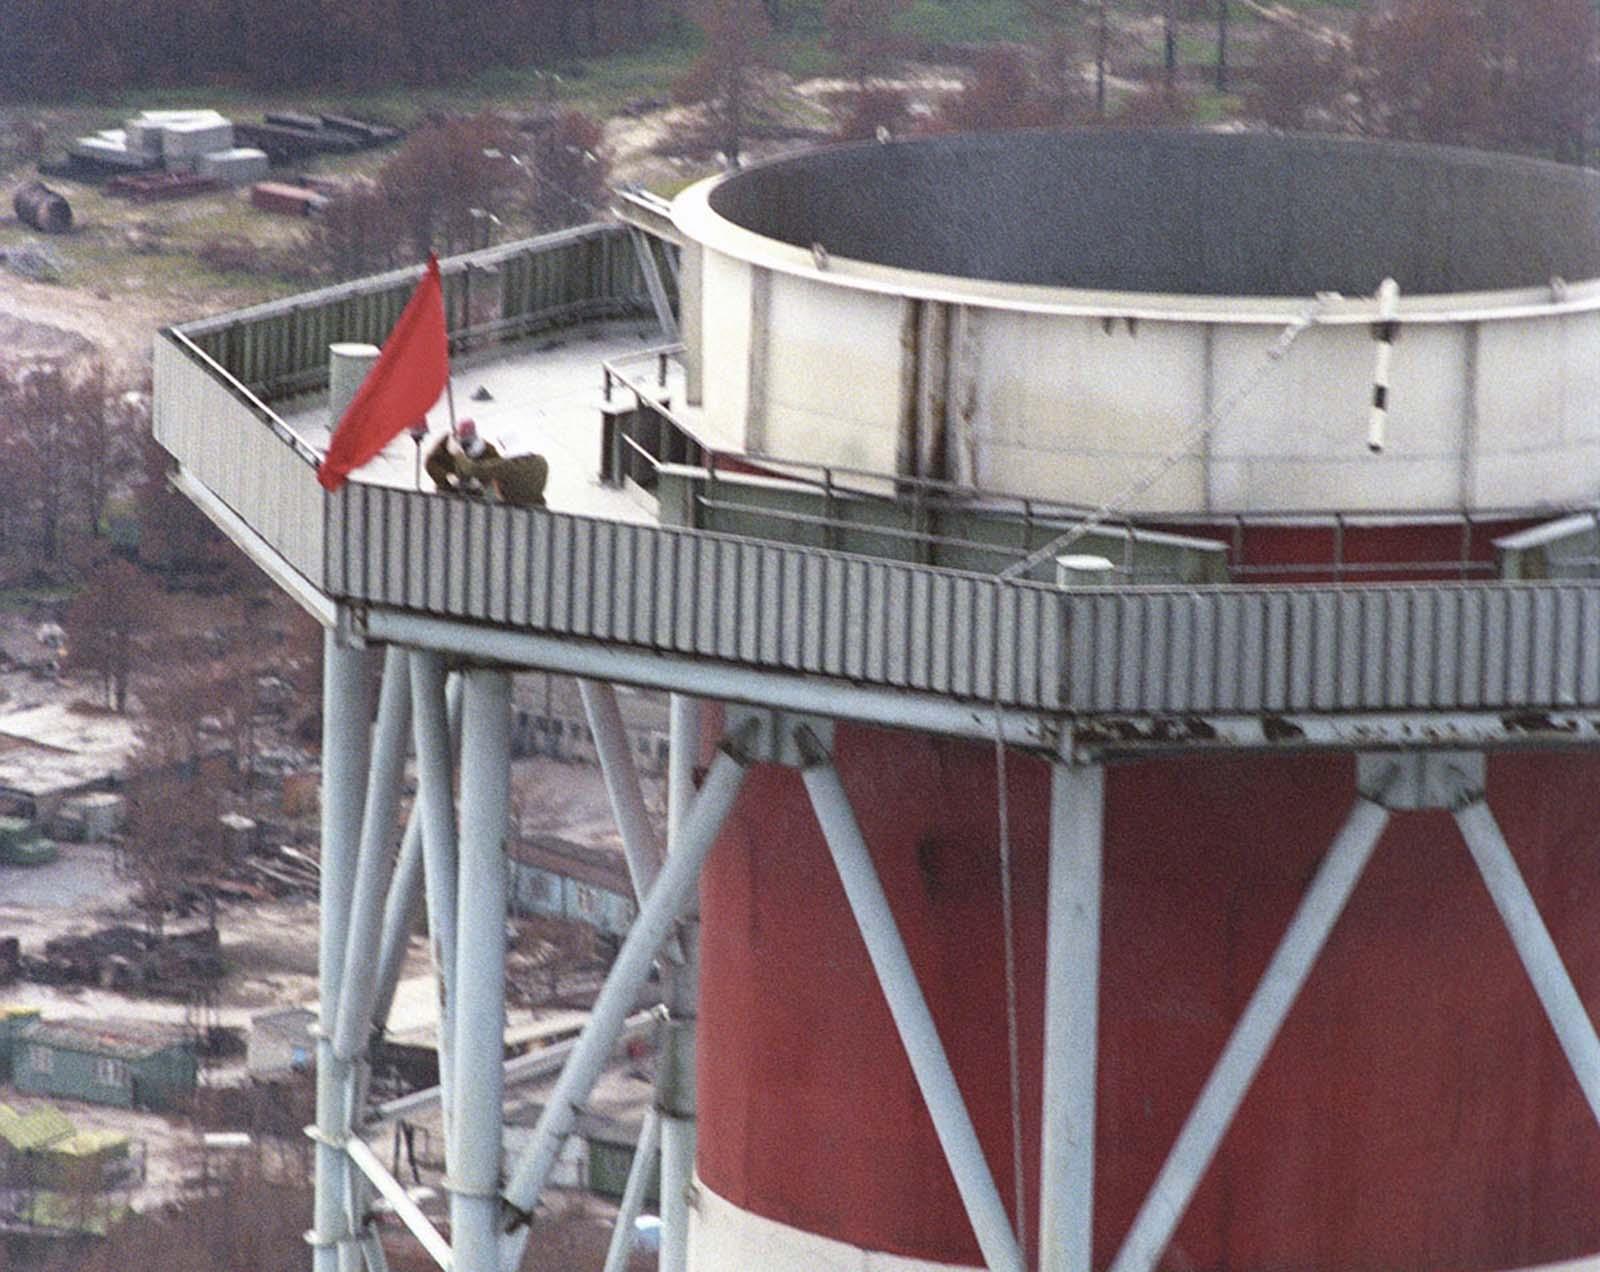 По заповед на съветските власти трима мъже се изкачват на 78 метра висосчина по стълбите на реактор номер три, за да поставят червен флаг, показващ, че разчистването на реактора е приключено.